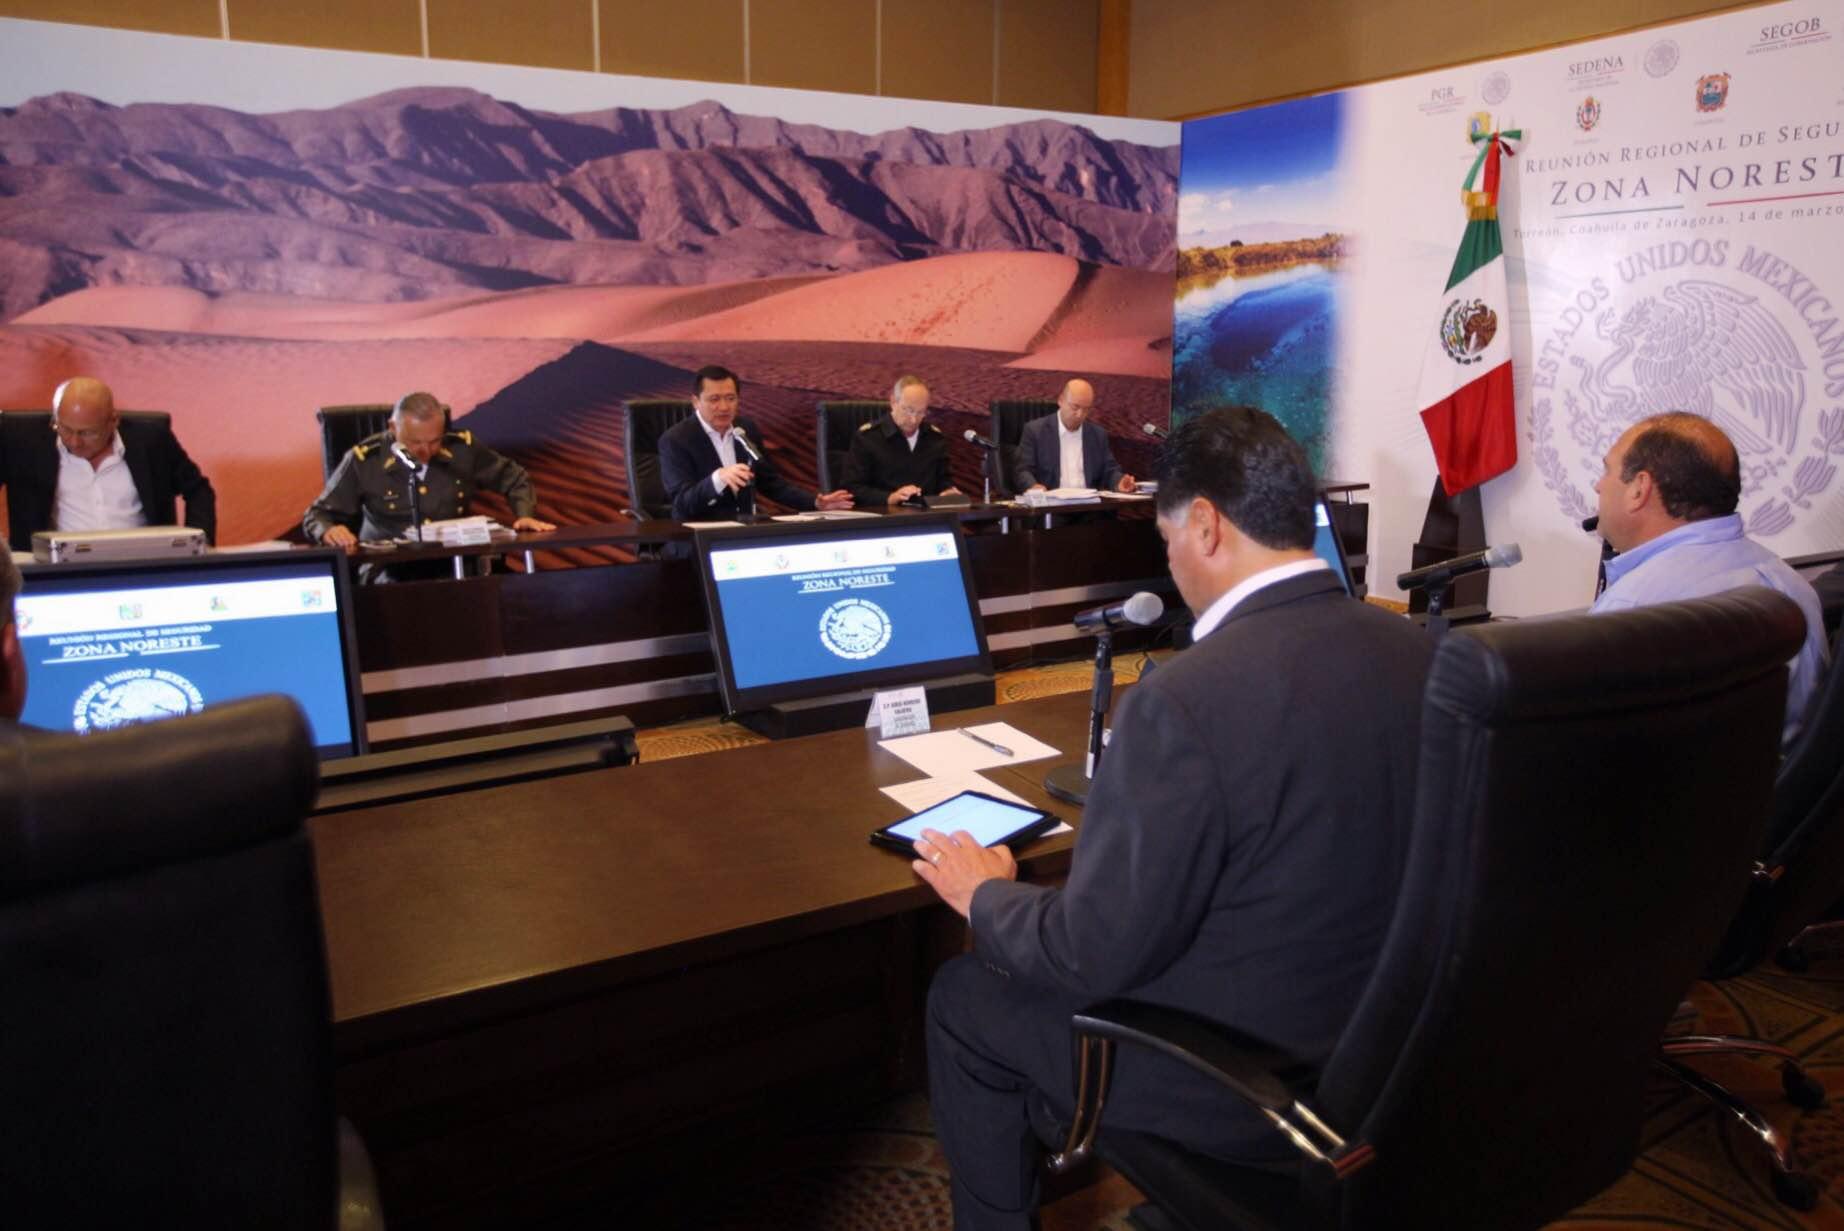 El Secretario de Gobernación, Miguel Ángel Osorio Chong, durante la Reunión de Seguridad Zona Noreste en Torreón, Coahuila.